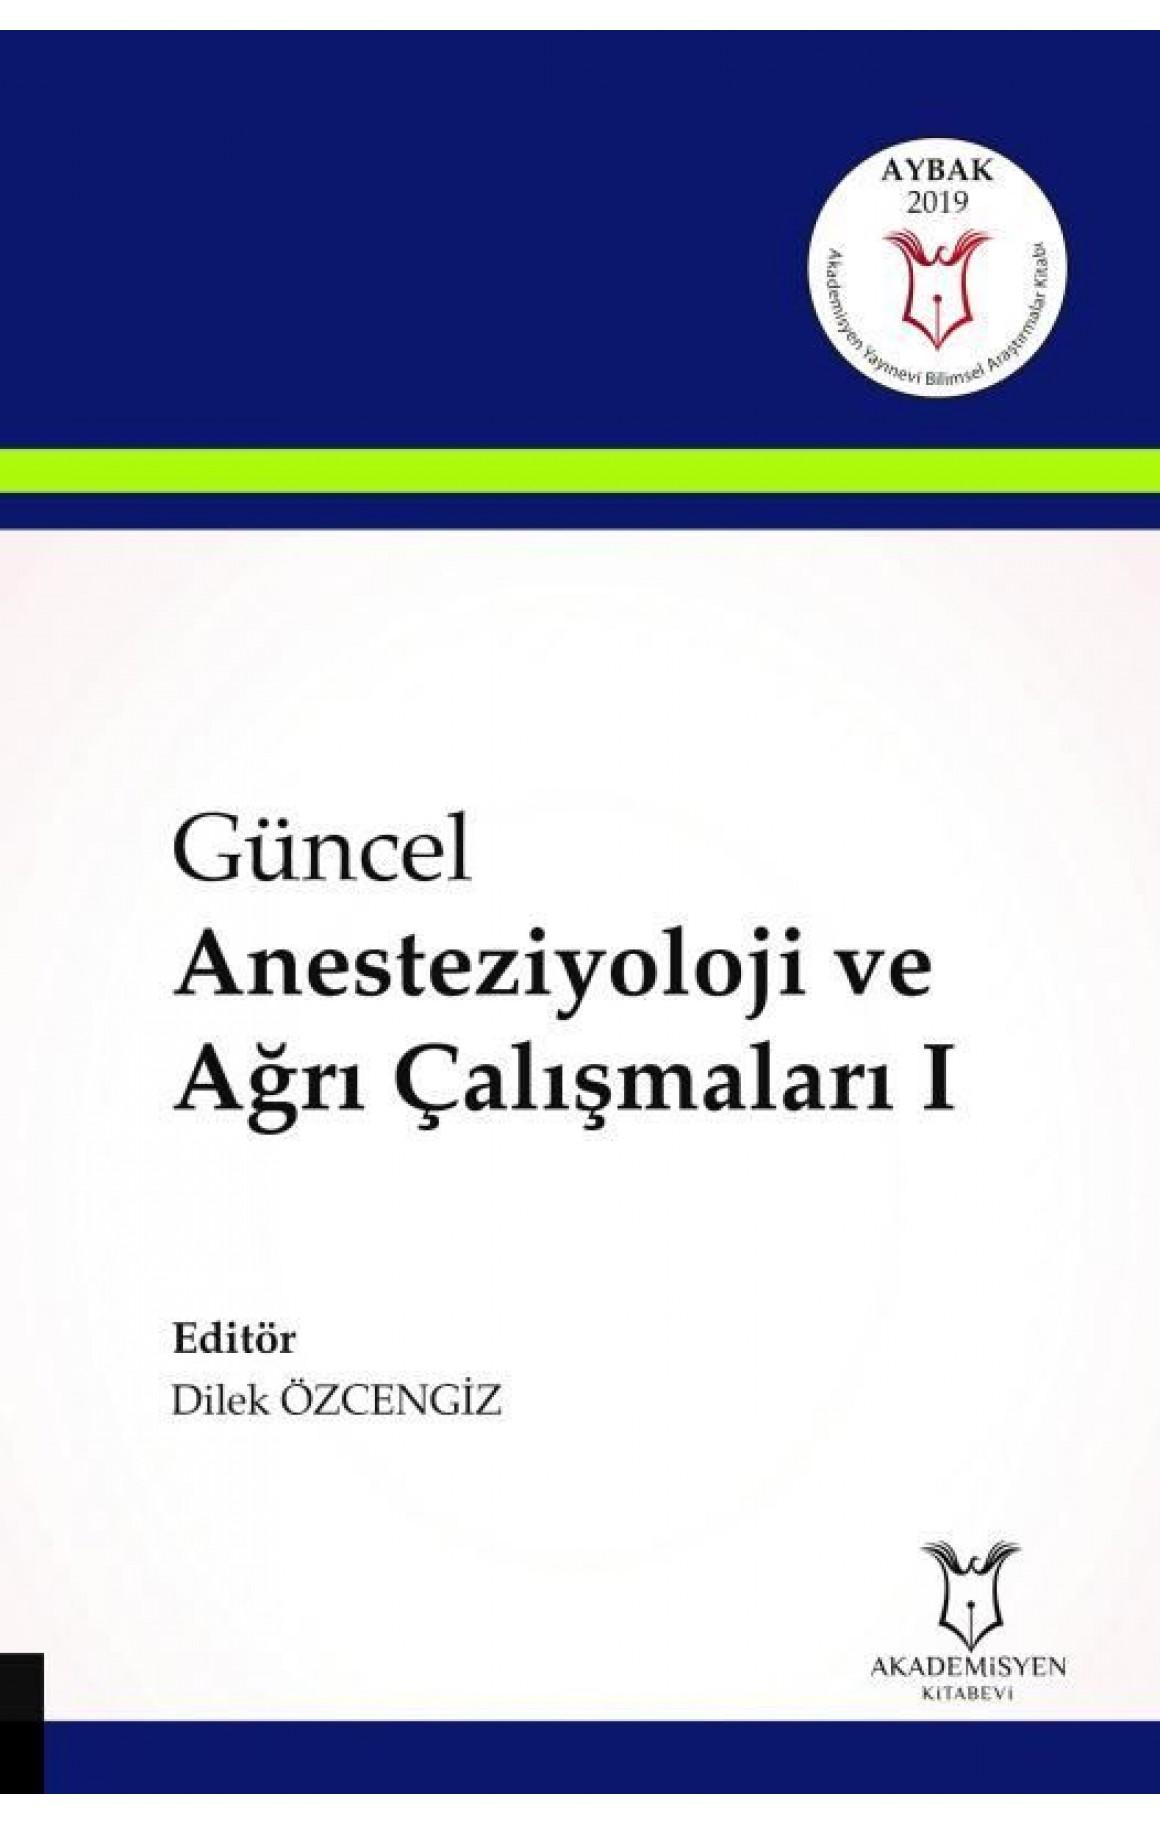 Güncel Anesteziyoloji ve Ağrı Çalışmaları-1